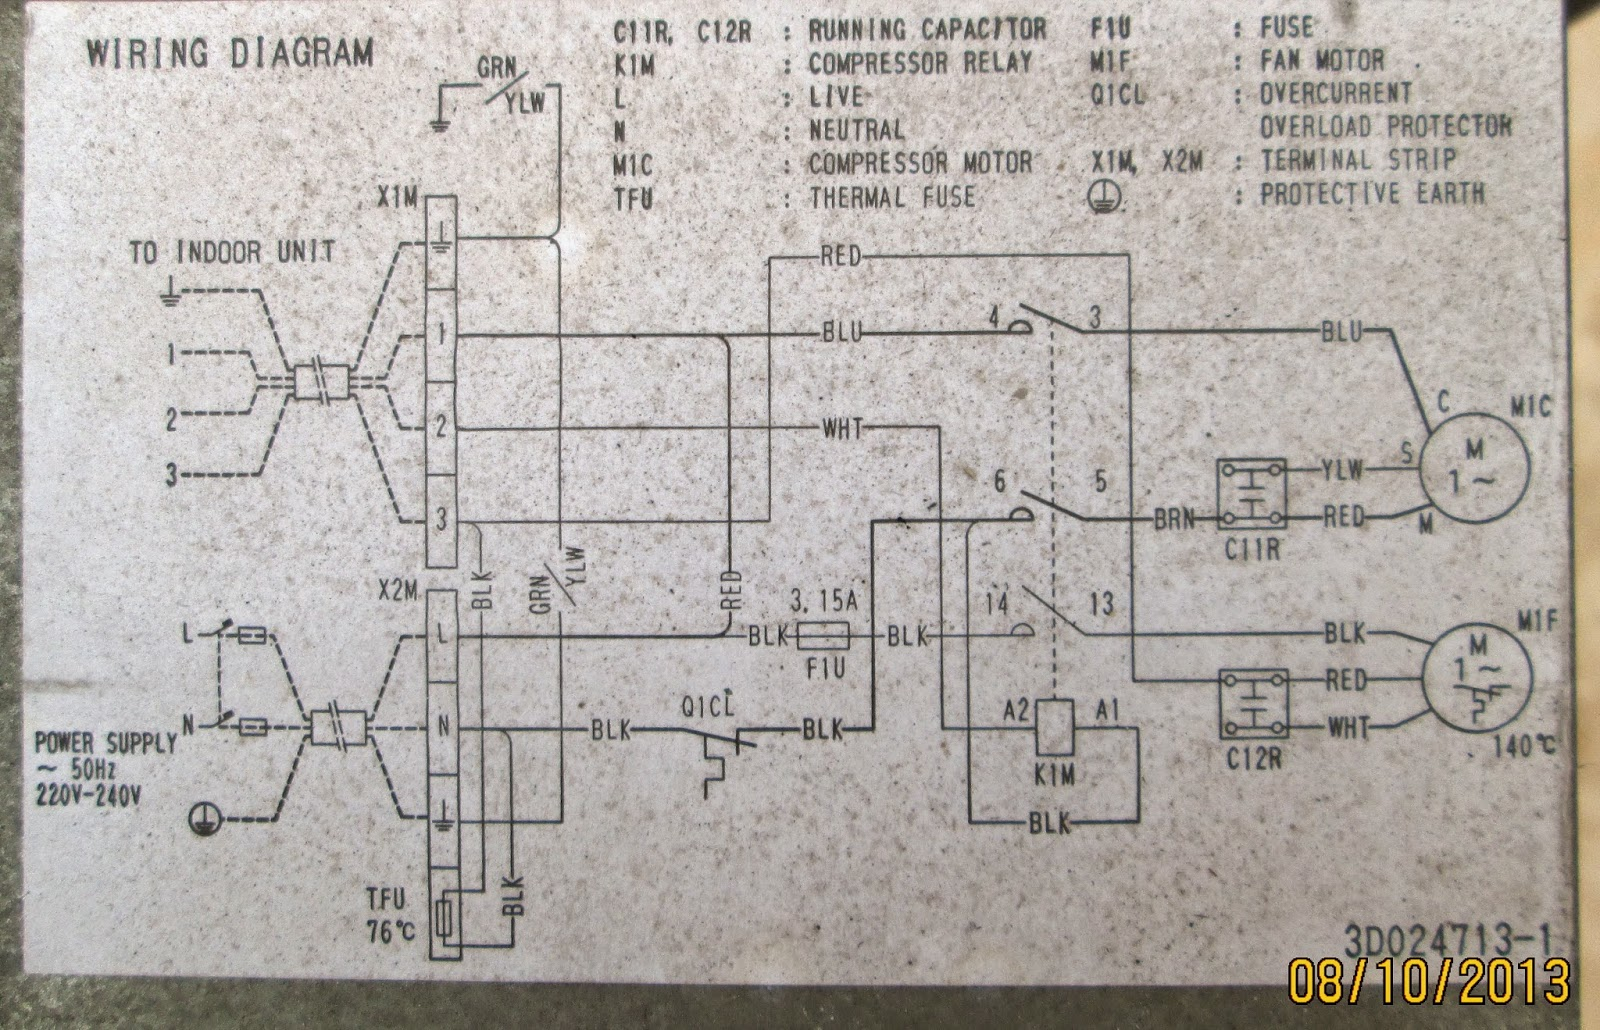 Wiring Diagram Ac Split Daikin York Air Conditioner Exterior Outdoor U0026 Wonderful Disconnect Service